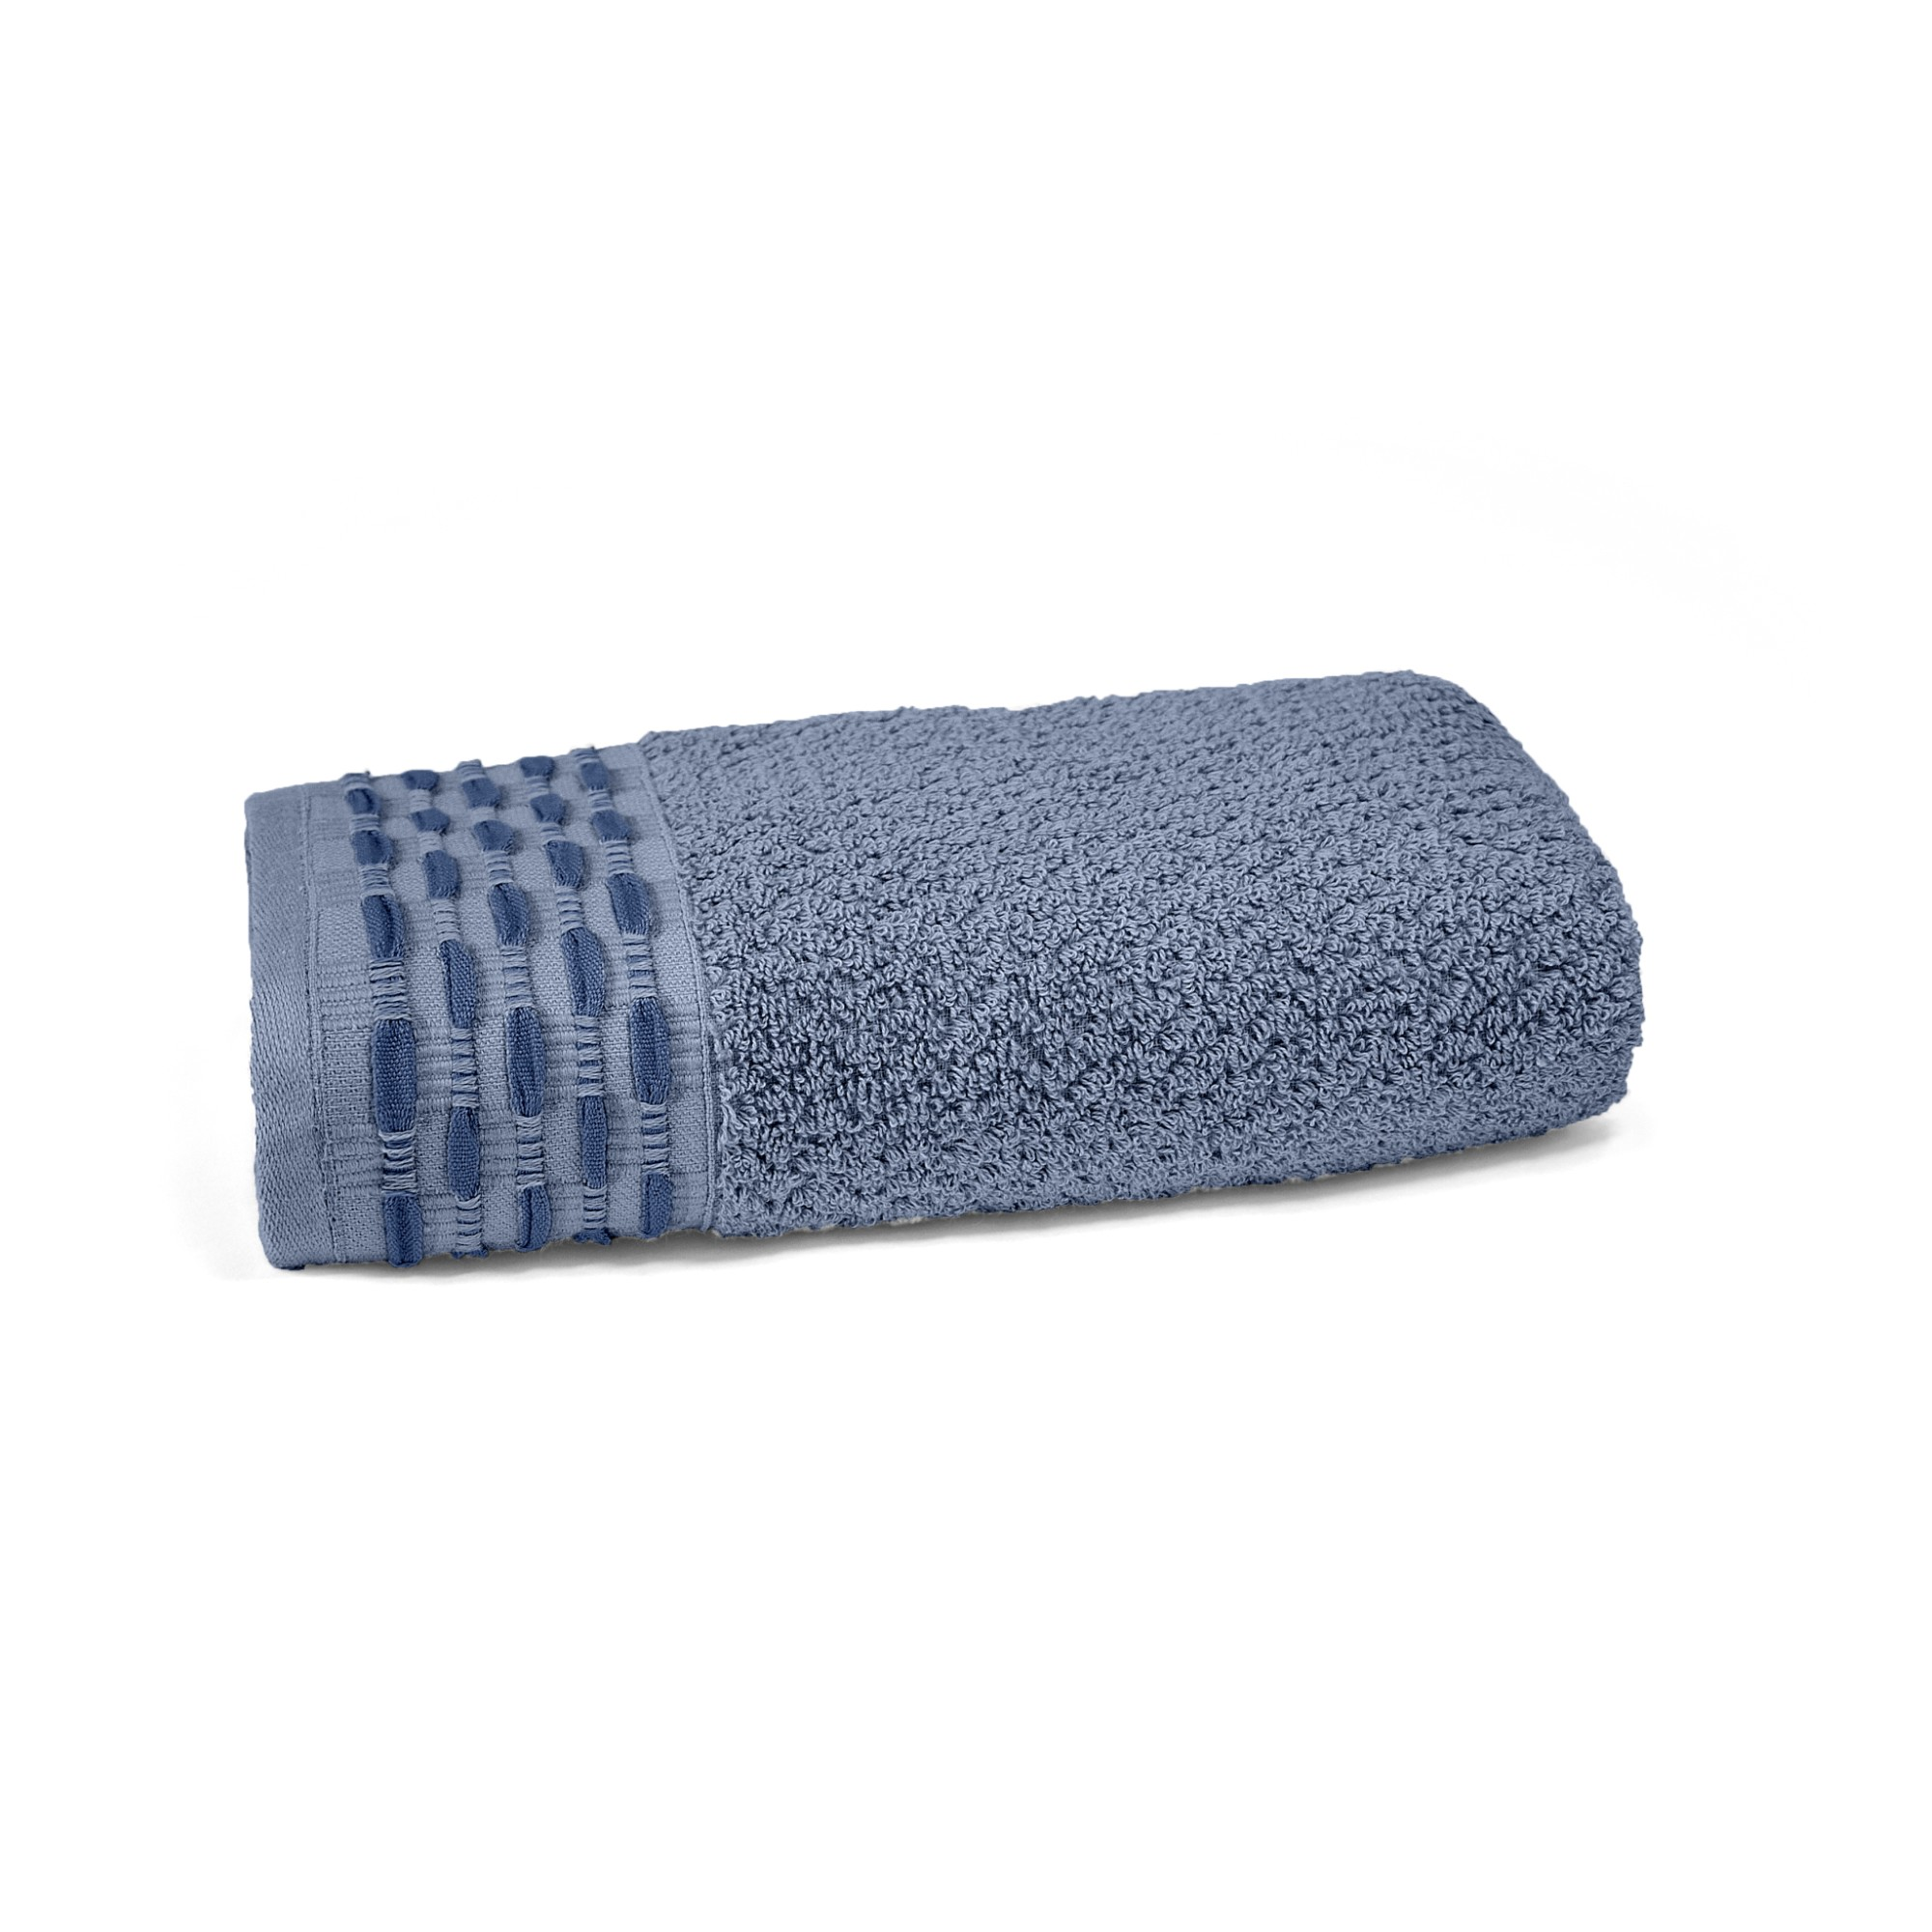 Toalha de Rosto Oxford 100 Algodao 50 x 80 cm Azul - 63621 - Buettner